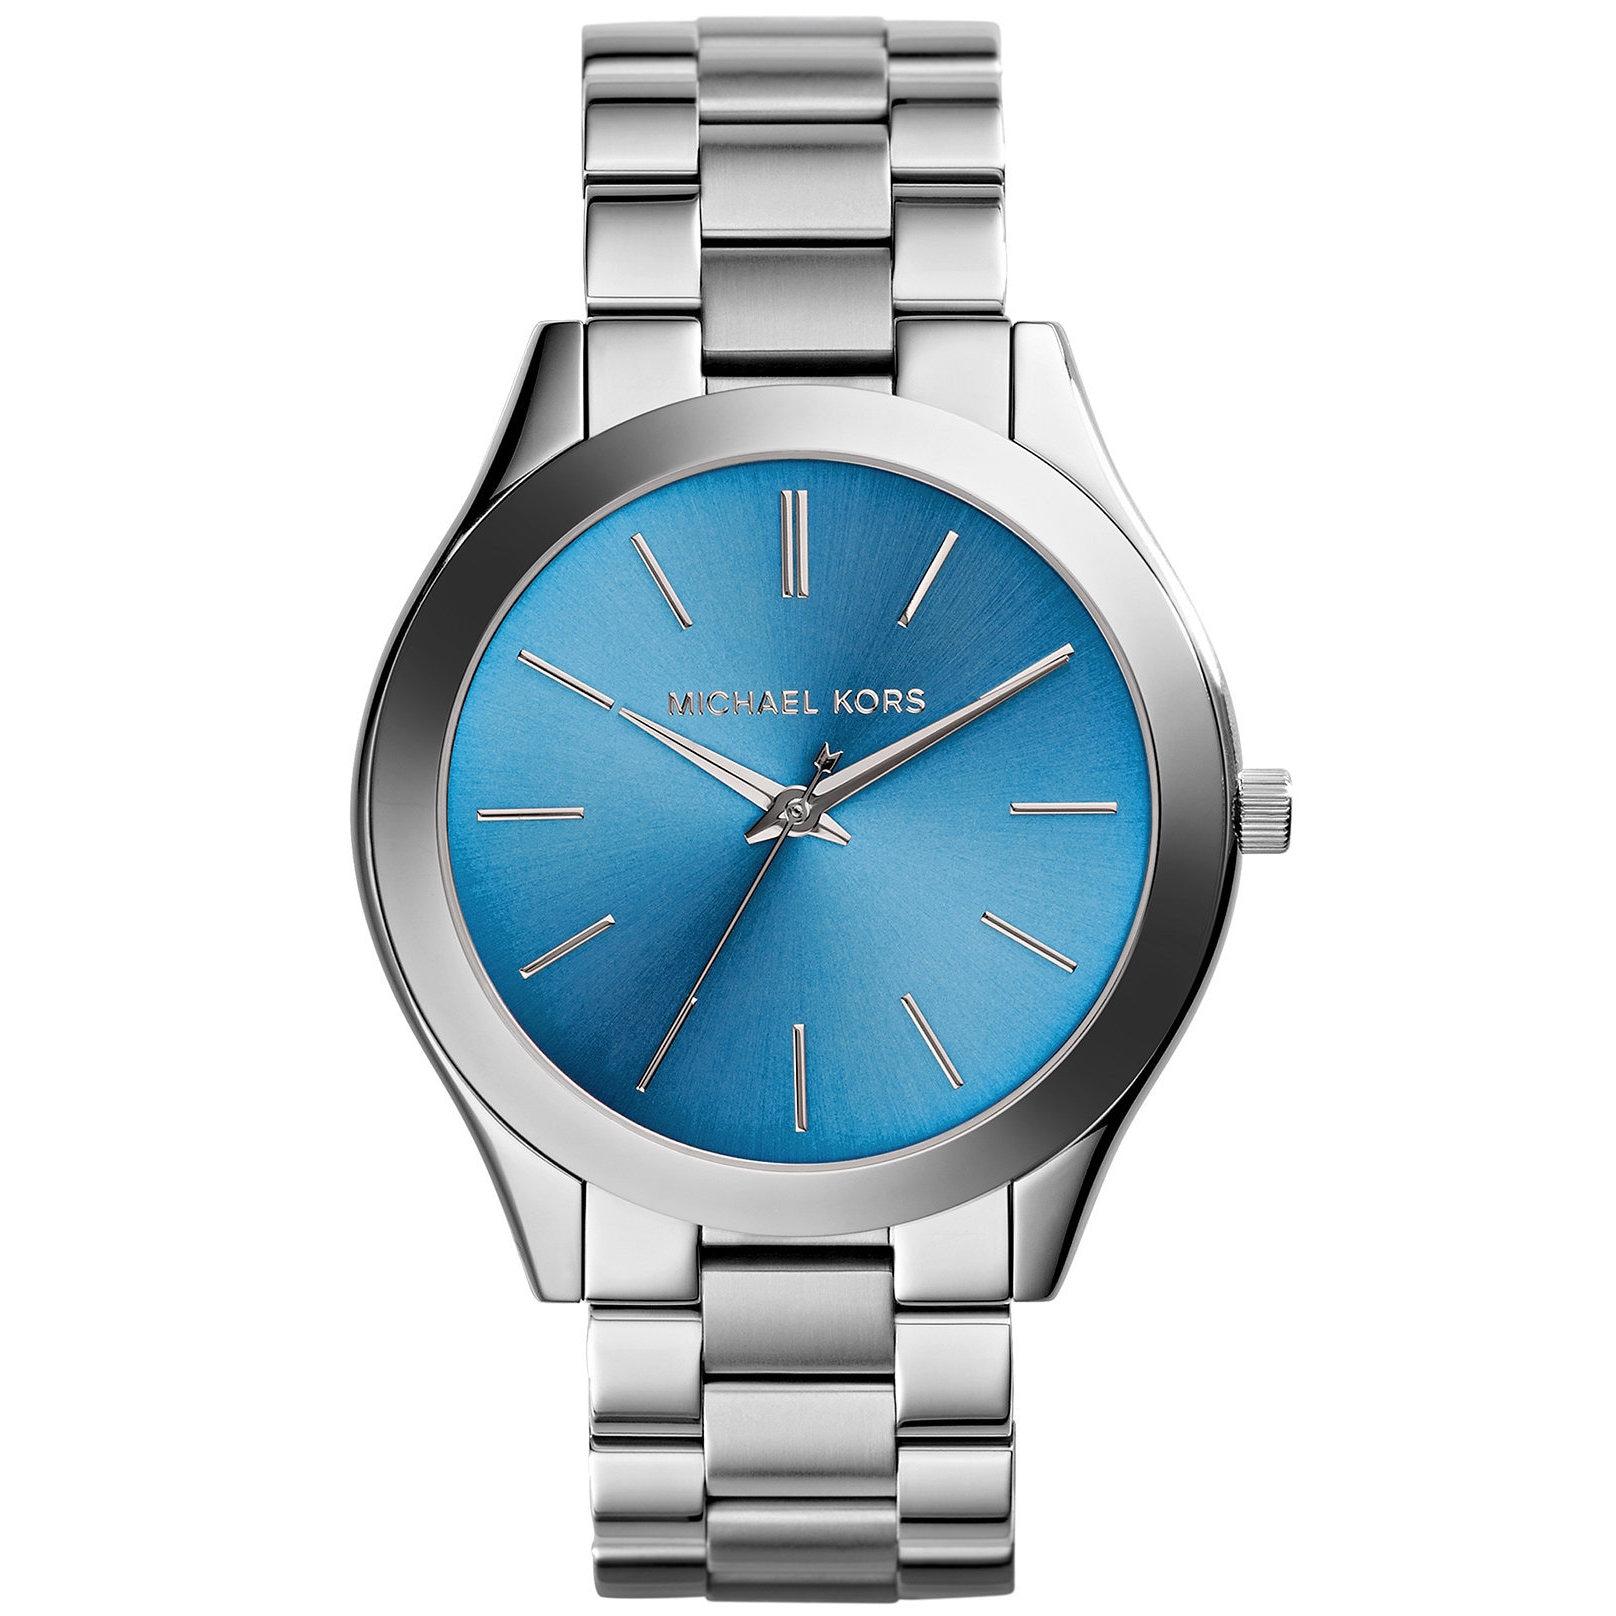 Michael Kors  Womens Slim Runway Stainless Steel Bracelet Watch Womens Slim Runway Stainless Steel Bracelet Watch